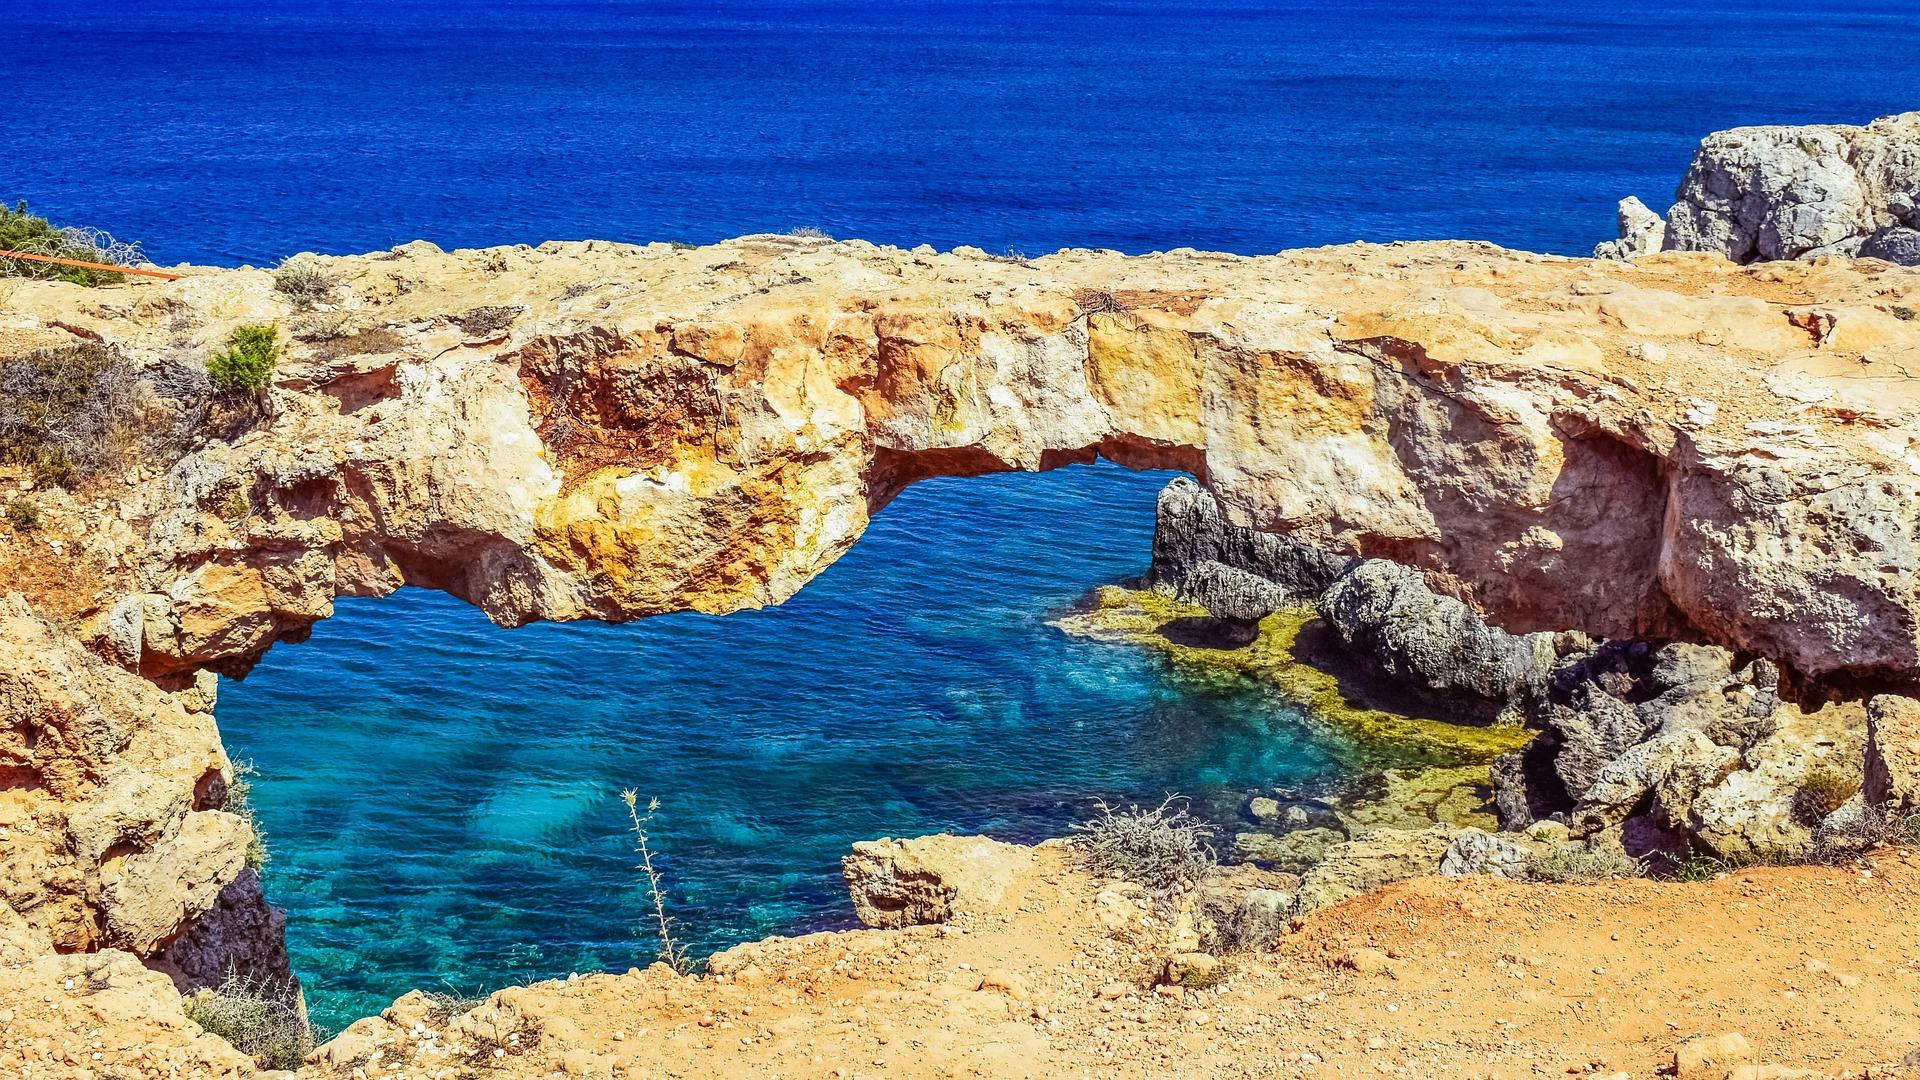 Cypr - miejsca w europie gdzie jest ciepło w zimie